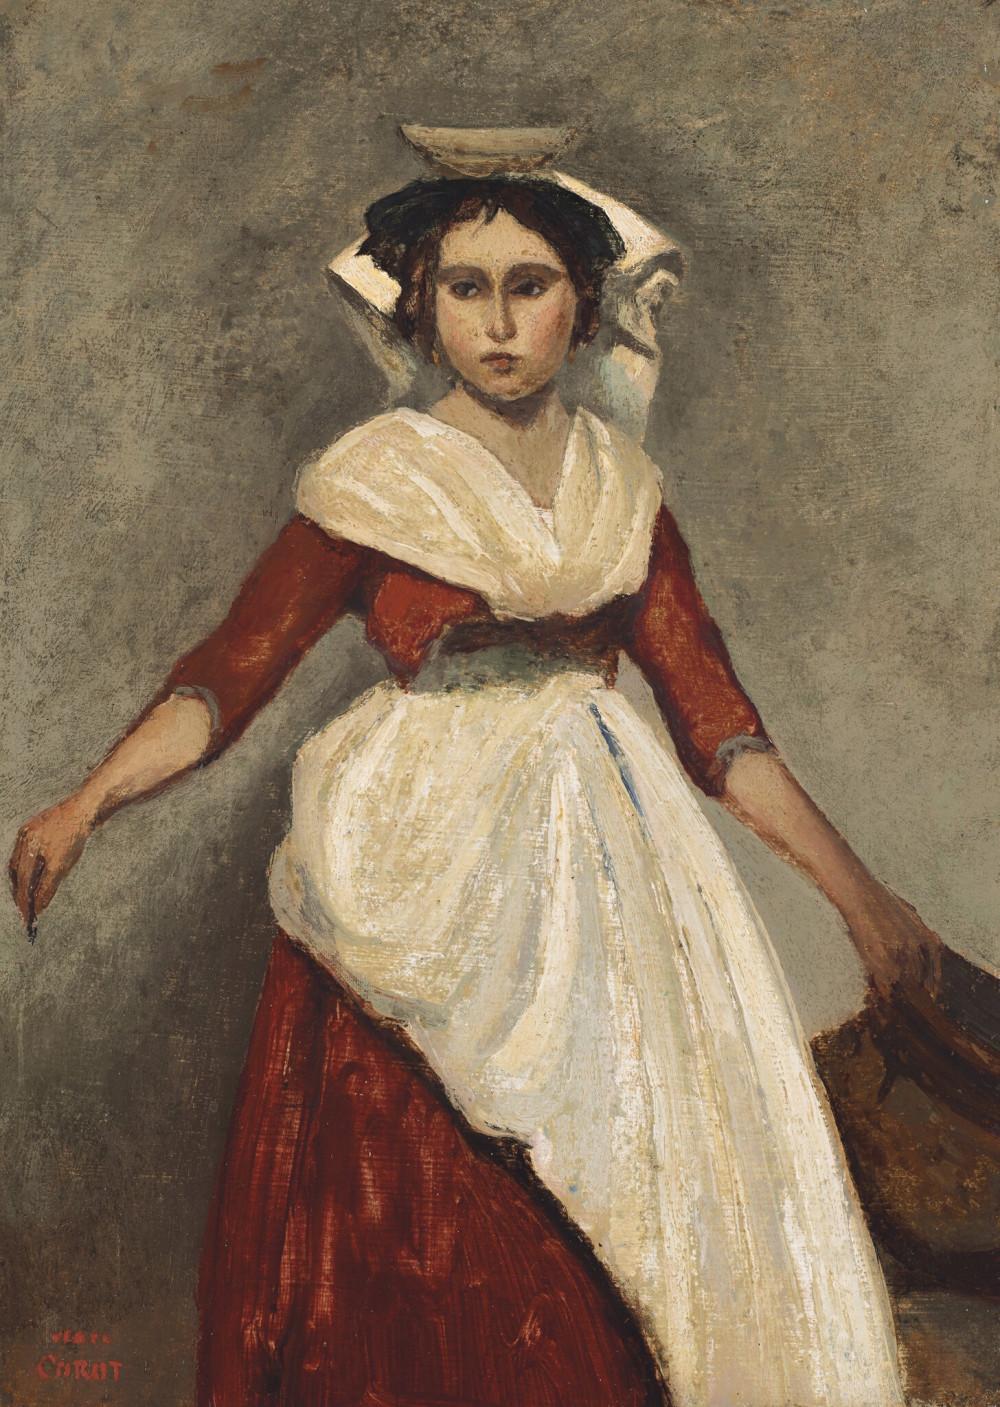 Một tác phẩm của Corot sẽ được bán đấu giá ngày 15/10